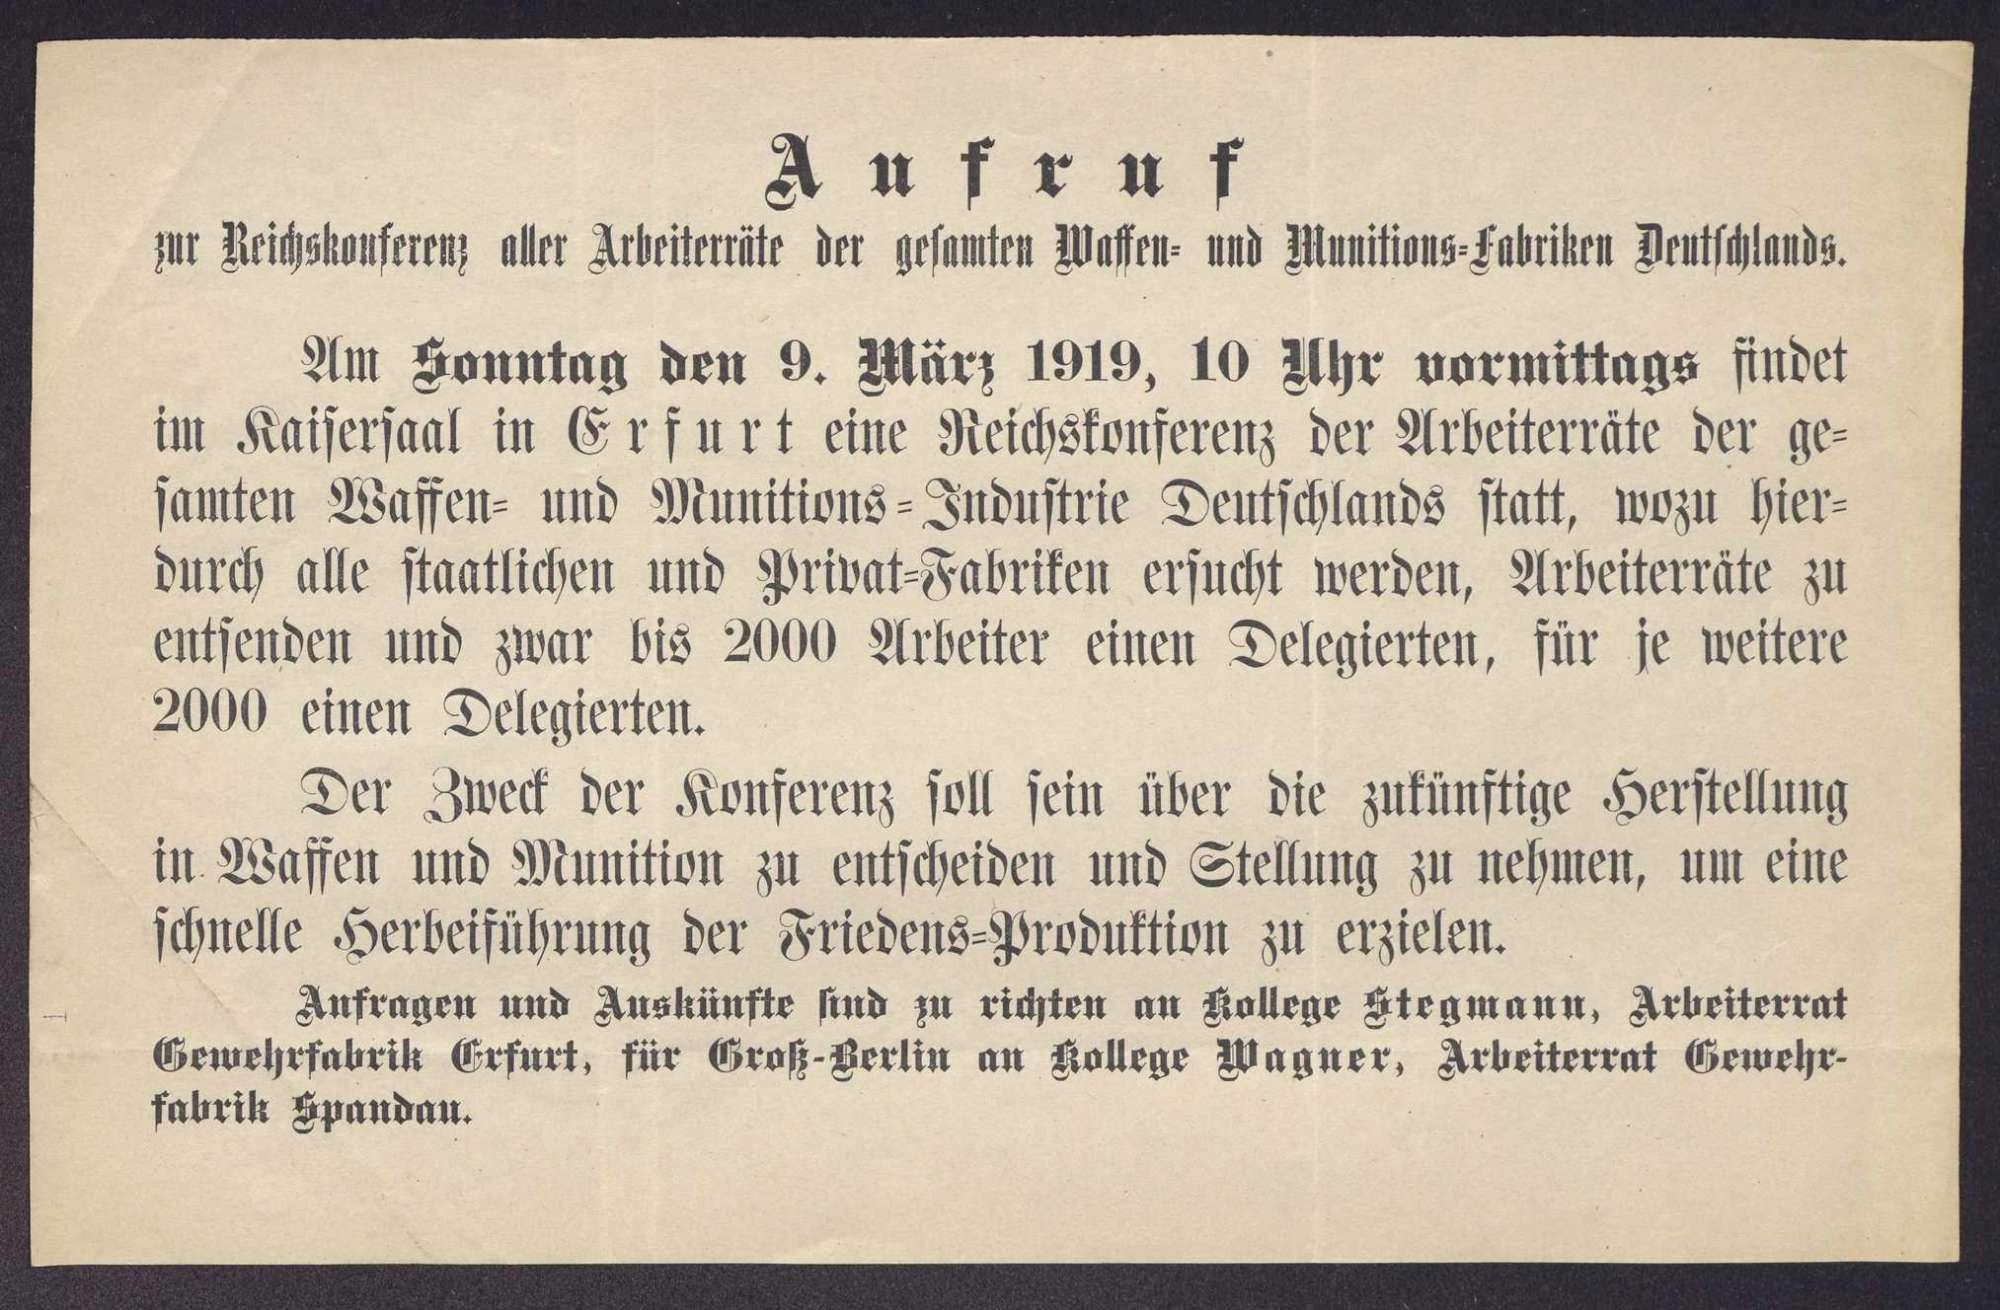 Einladung zur Reichskonferenz aller Arbeiterräte der Waffen- und Munitionsfabriken Deutschlands in Erfurt, Bild 2